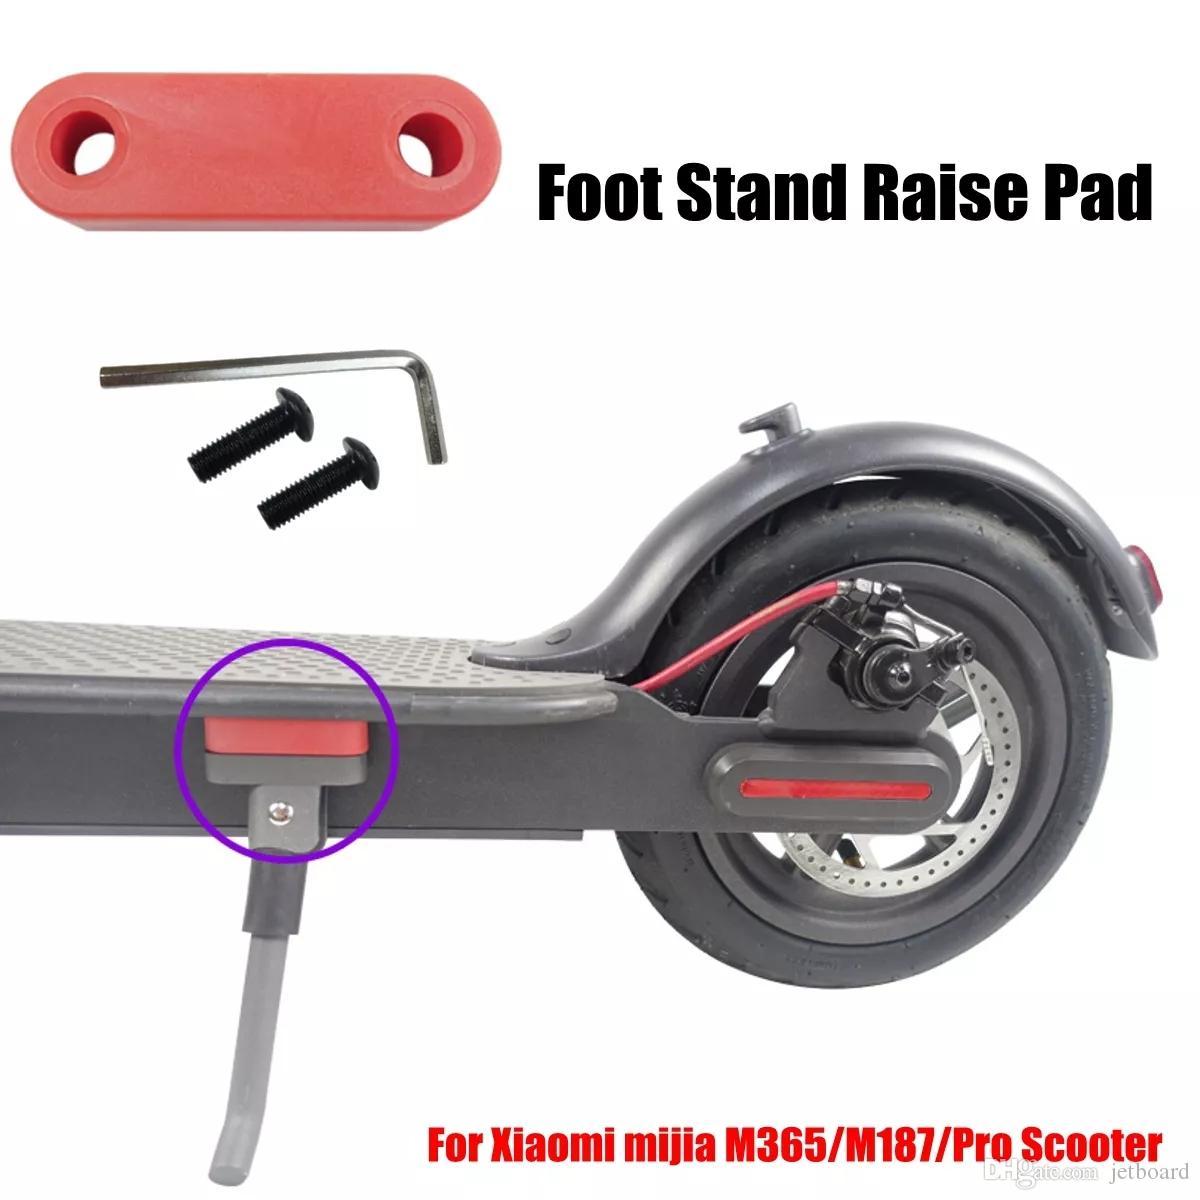 10 pollice ruote aggiornato Parte il basamento del piede Pad per una Mijia M365M187Pro Scooter elettrico - Rosso